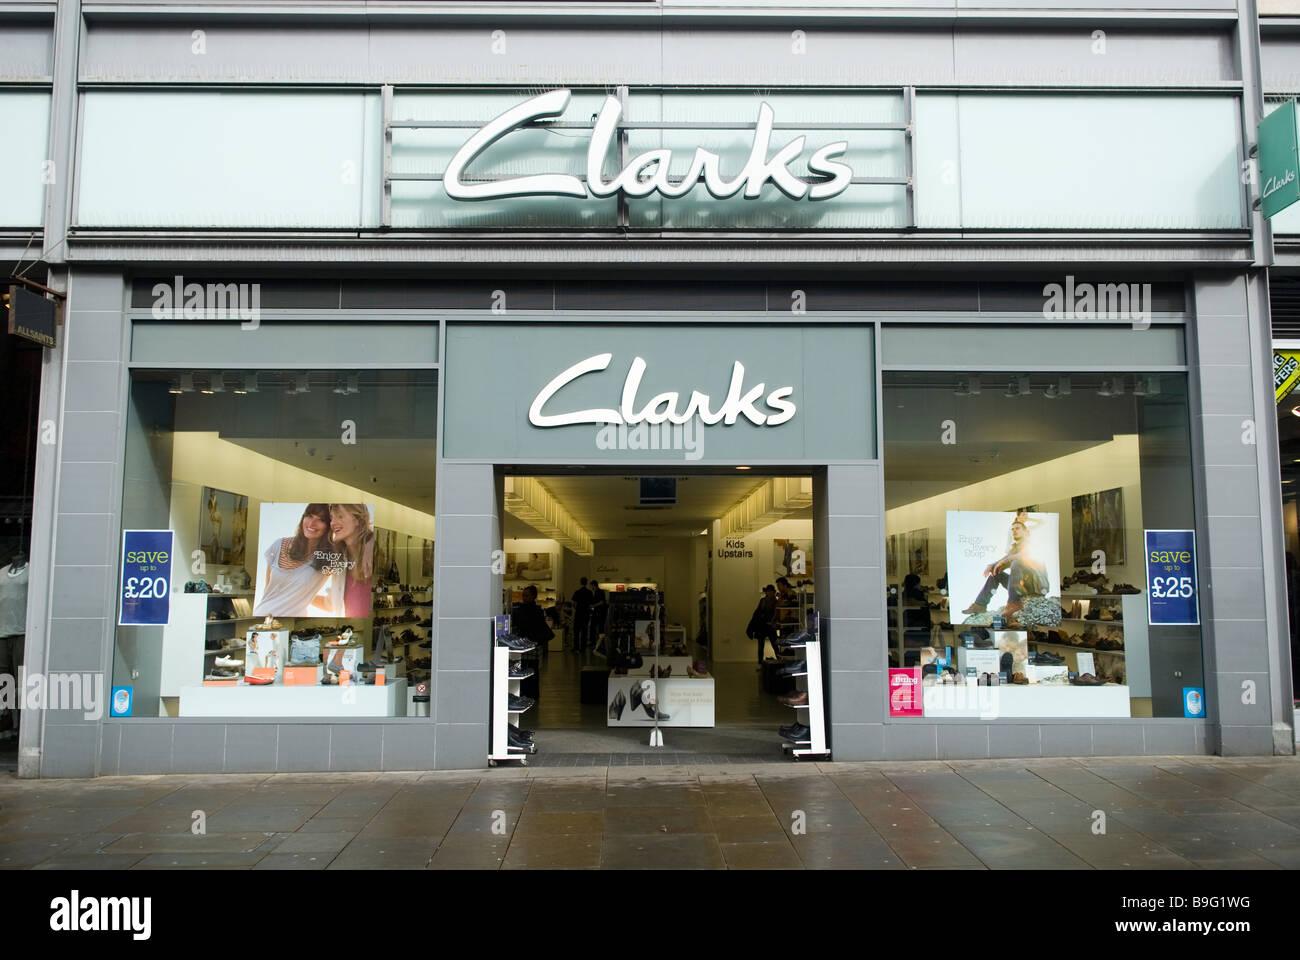 Clarks En Mercado Calle De Del La Tienda Zapatos Centro rOafpxCqrw